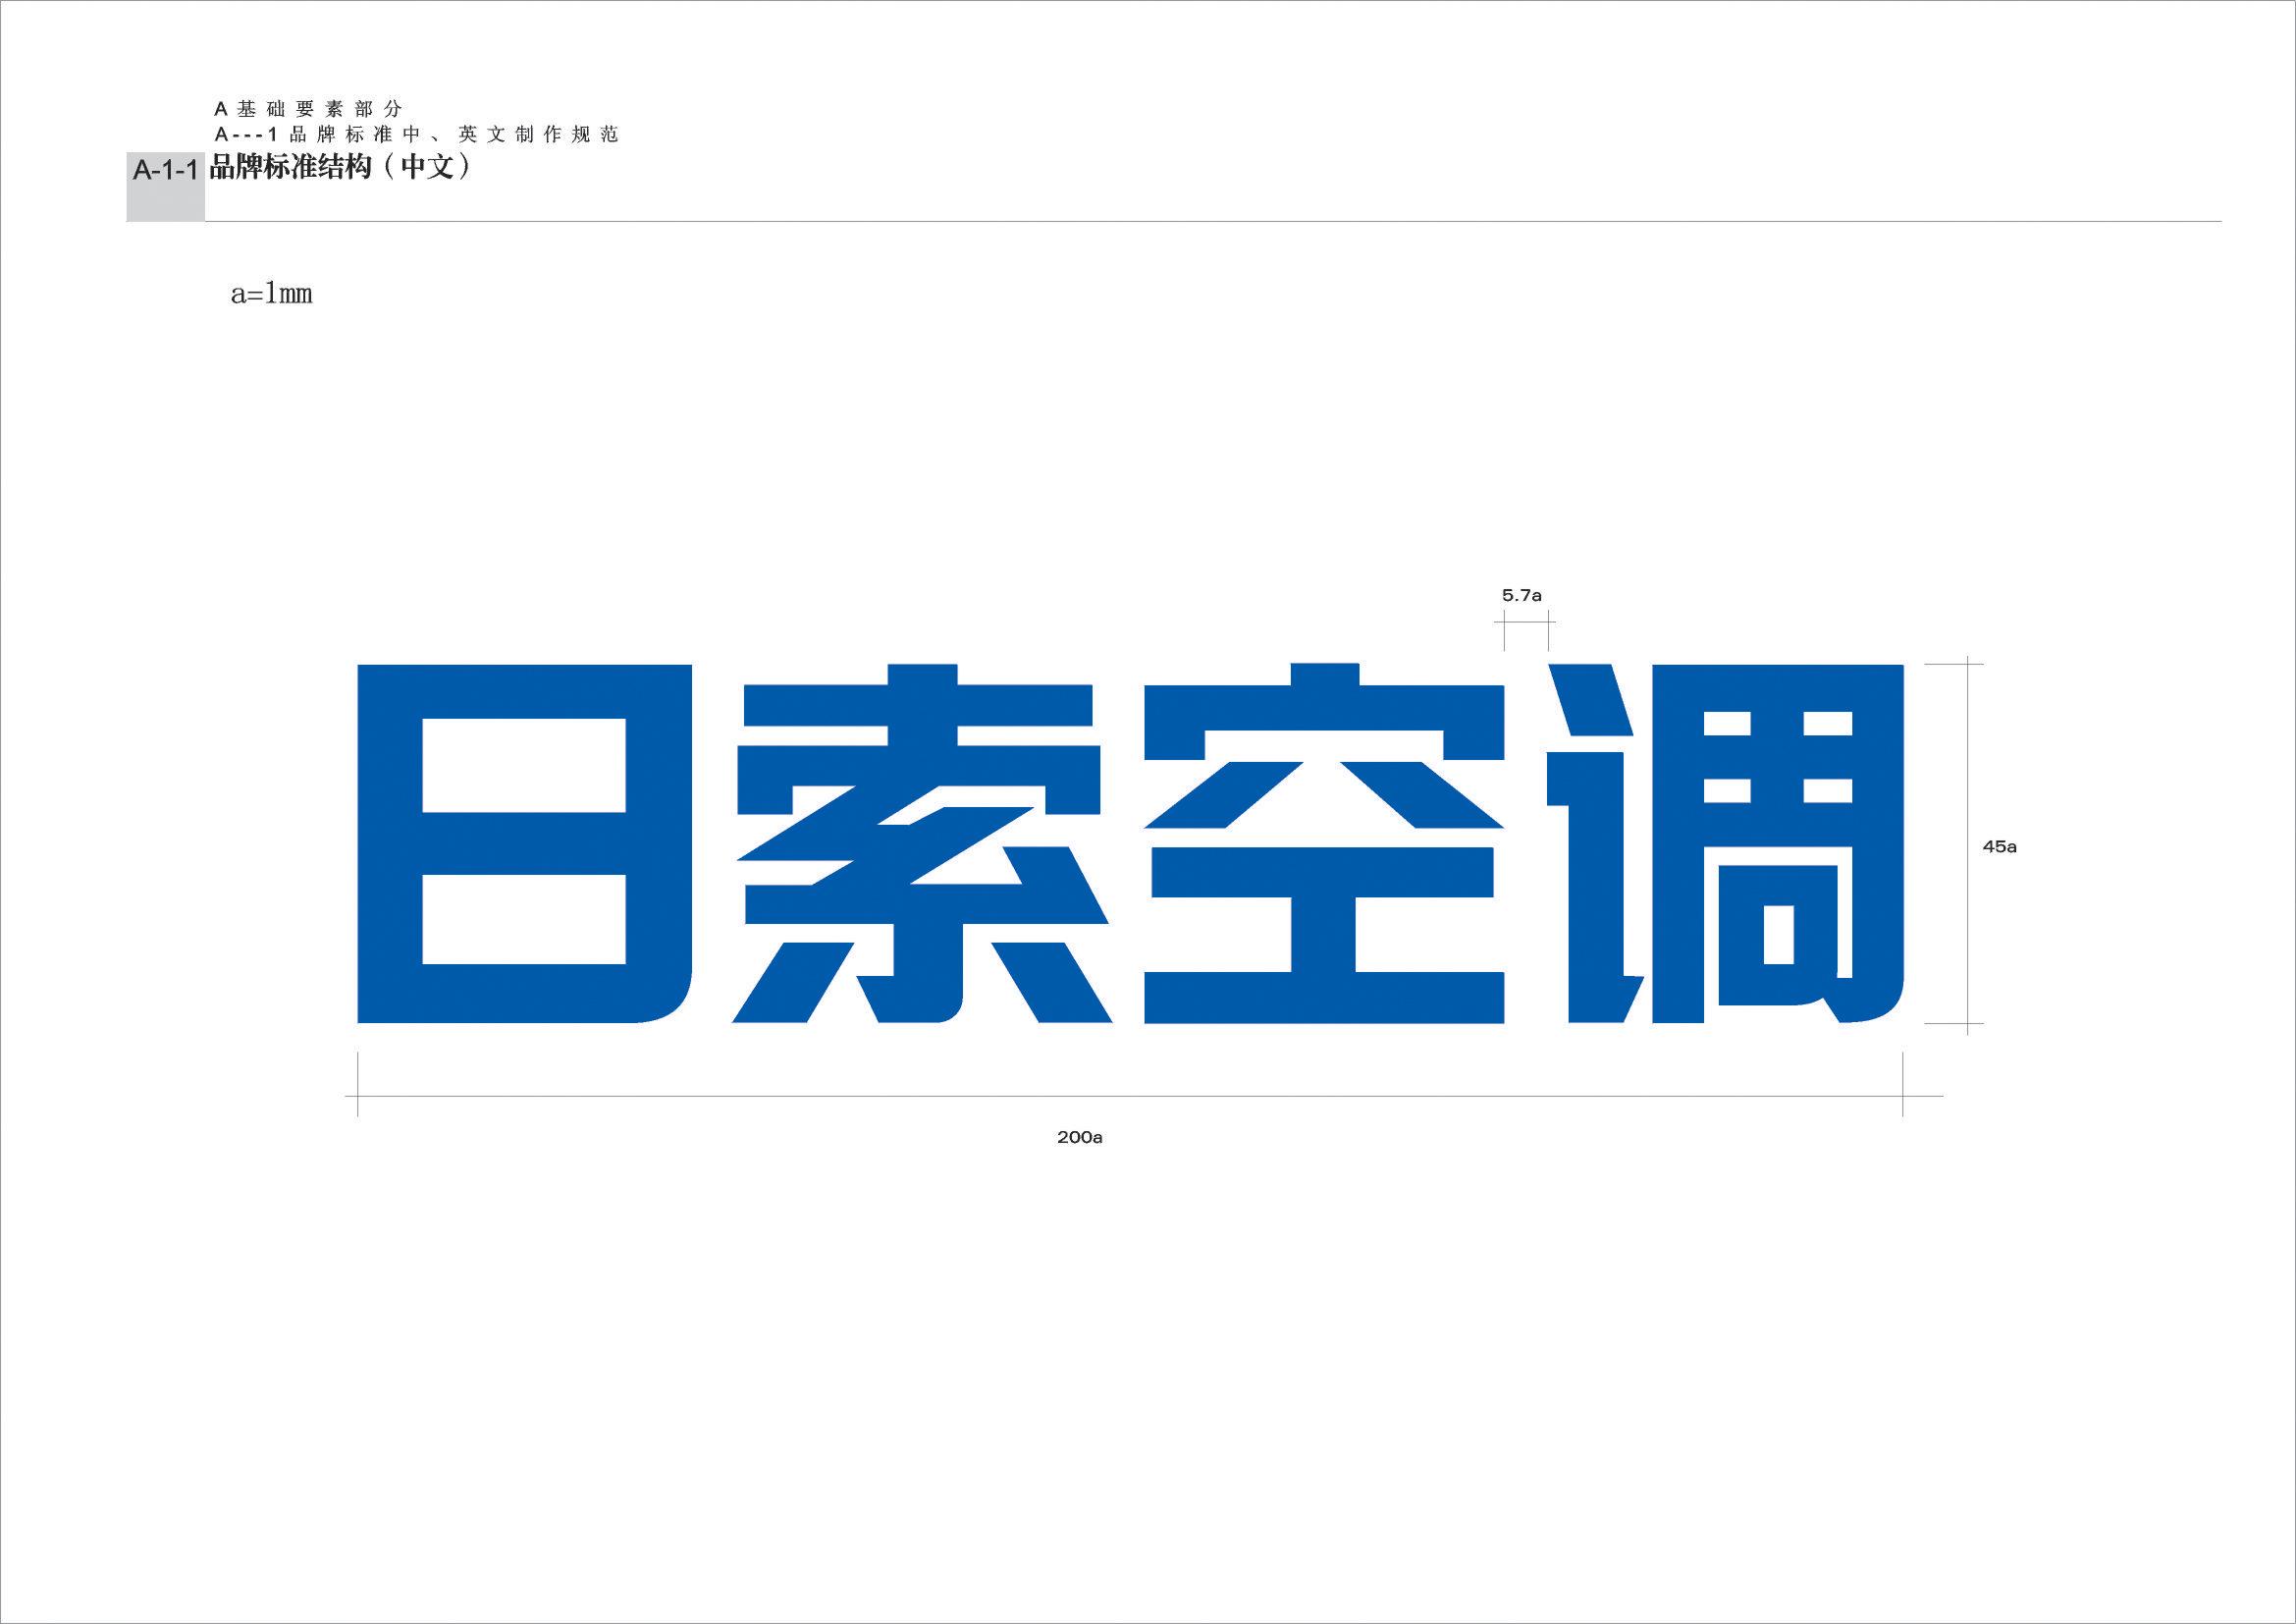 名字 中文 蓝色字体 日索空调-整套vi矢量素材-整套vi矢量素材,日索